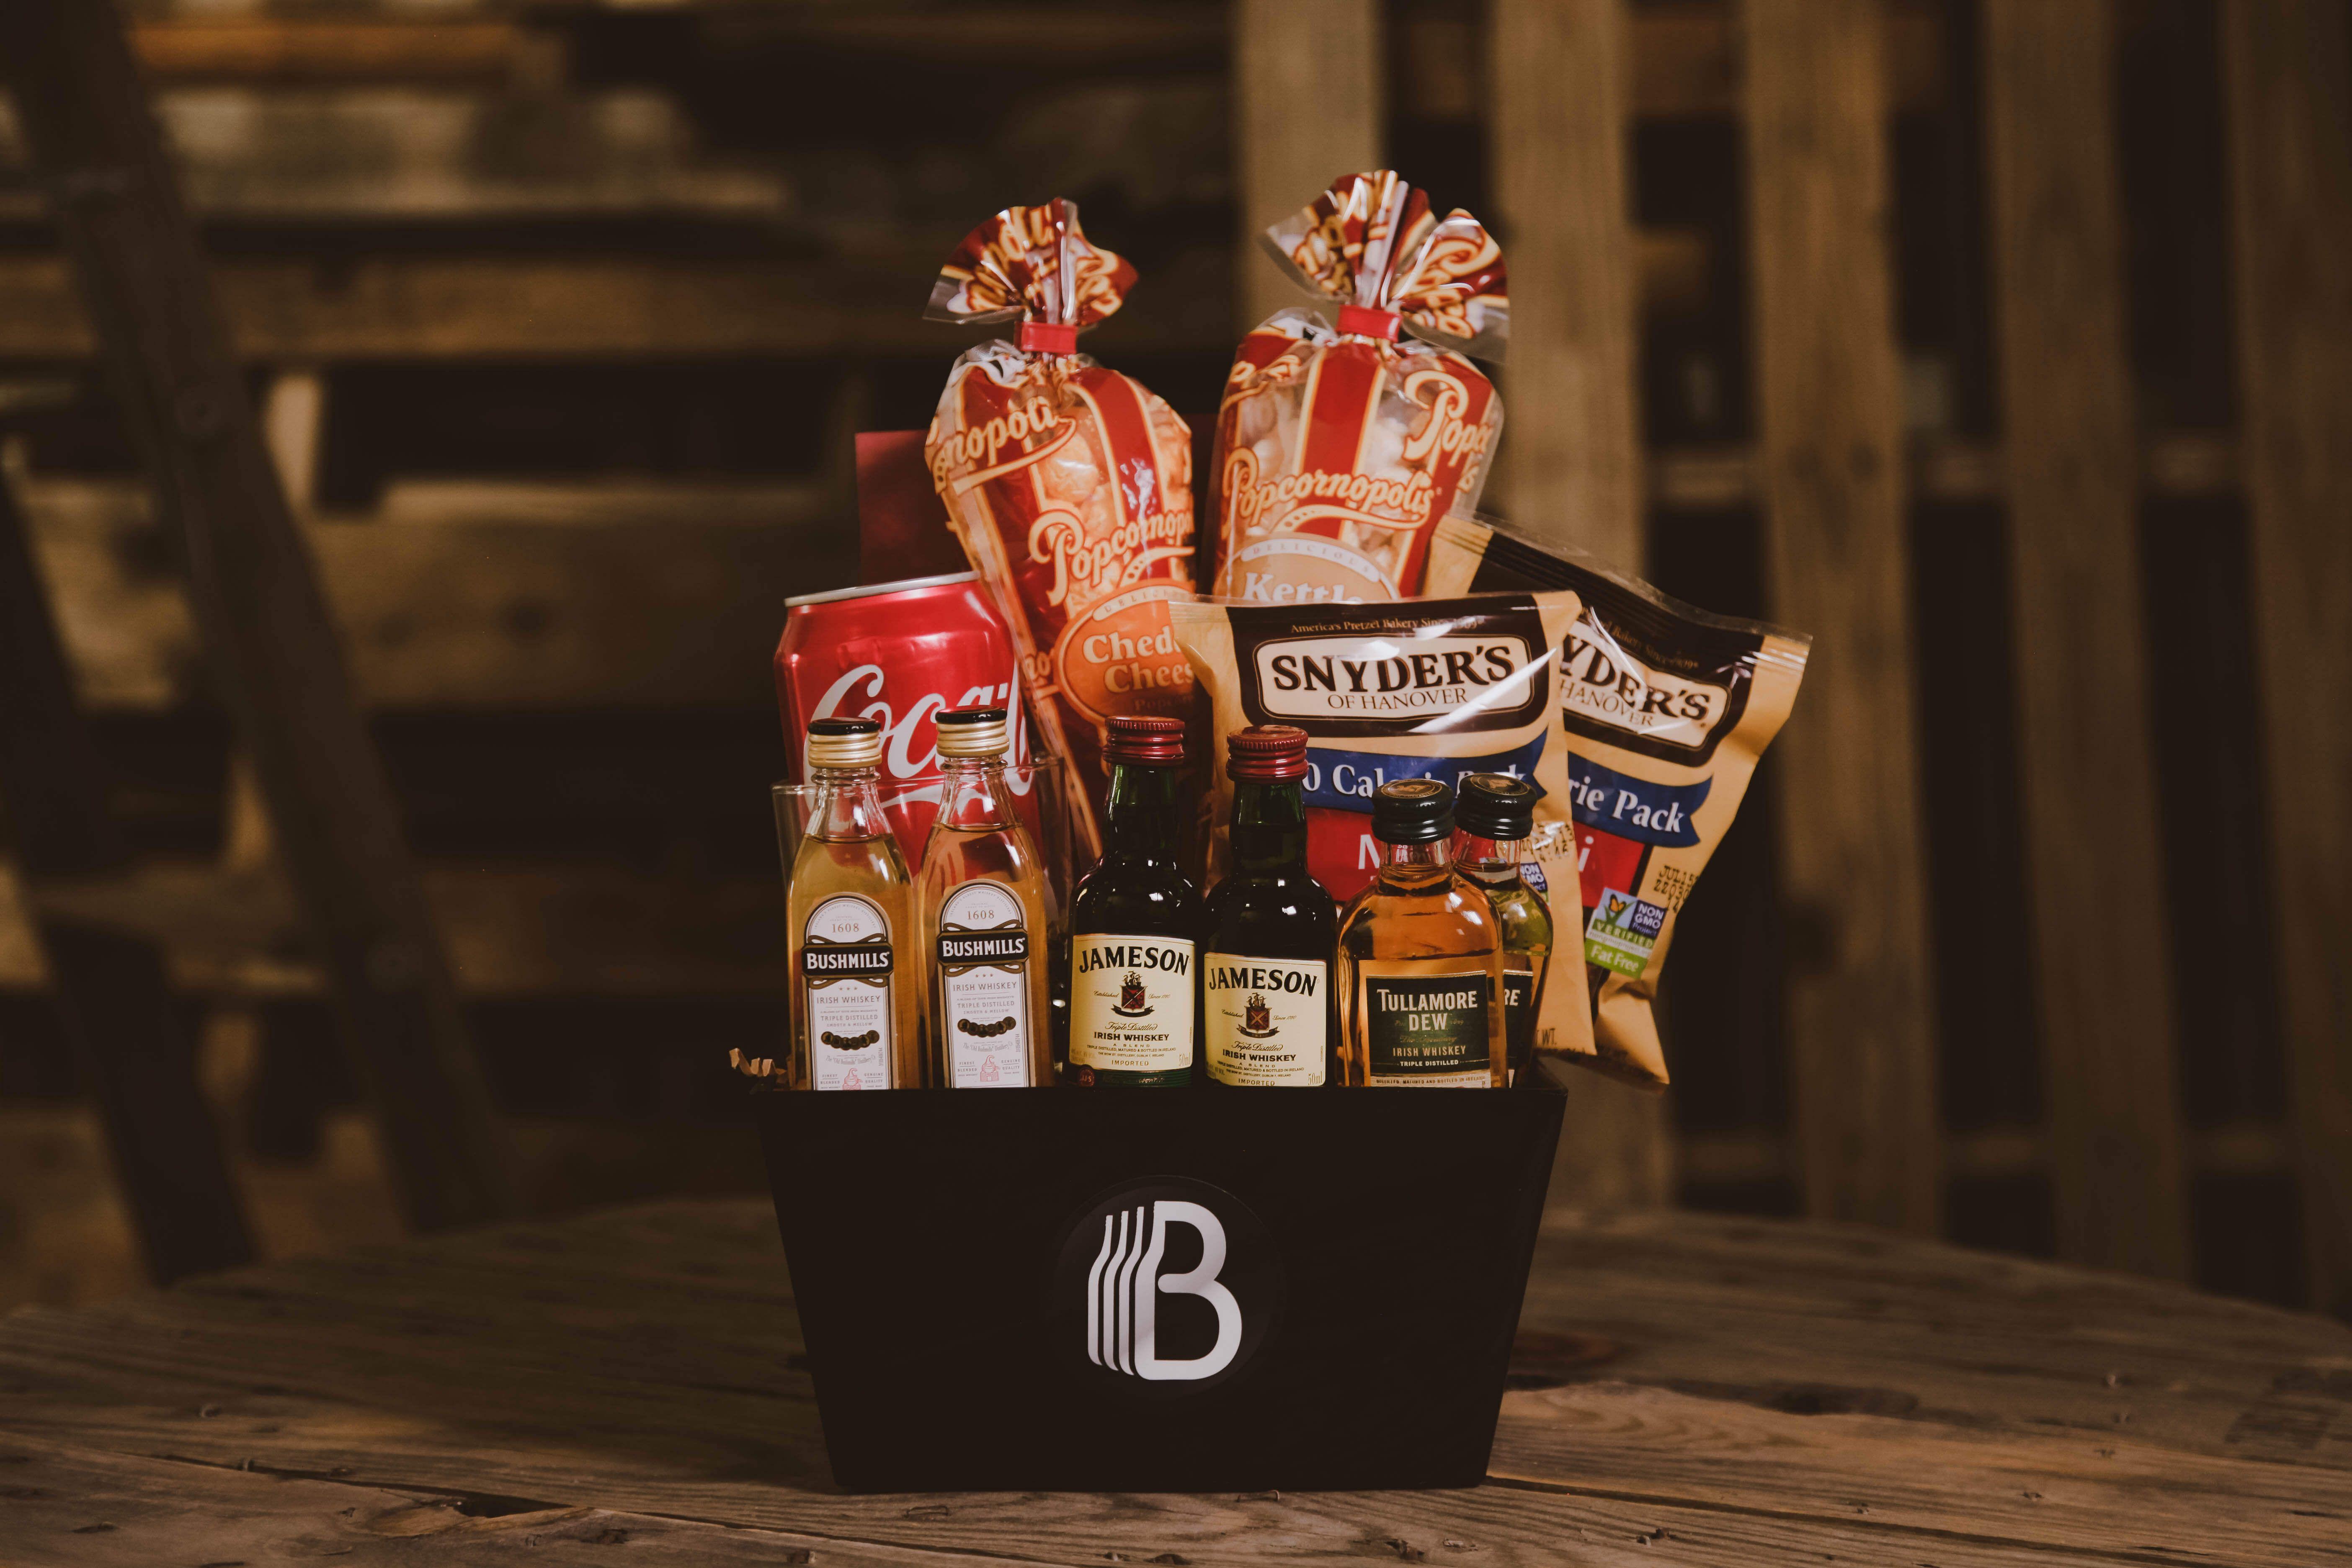 Luck of the irish whiskey sampler gift baskets for men